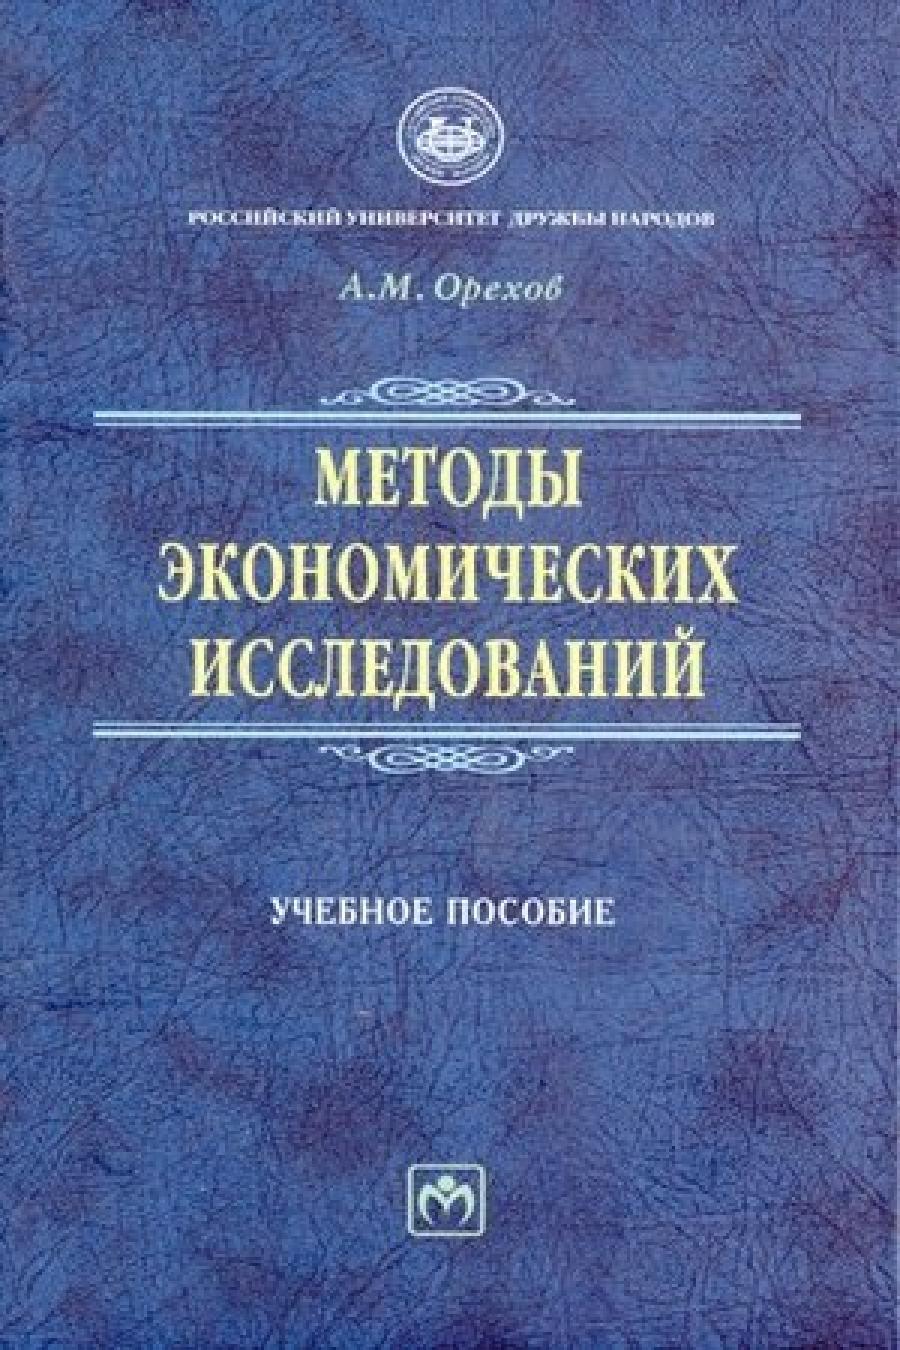 Обложка книги:  орехов а.м. - методы экономических исследований